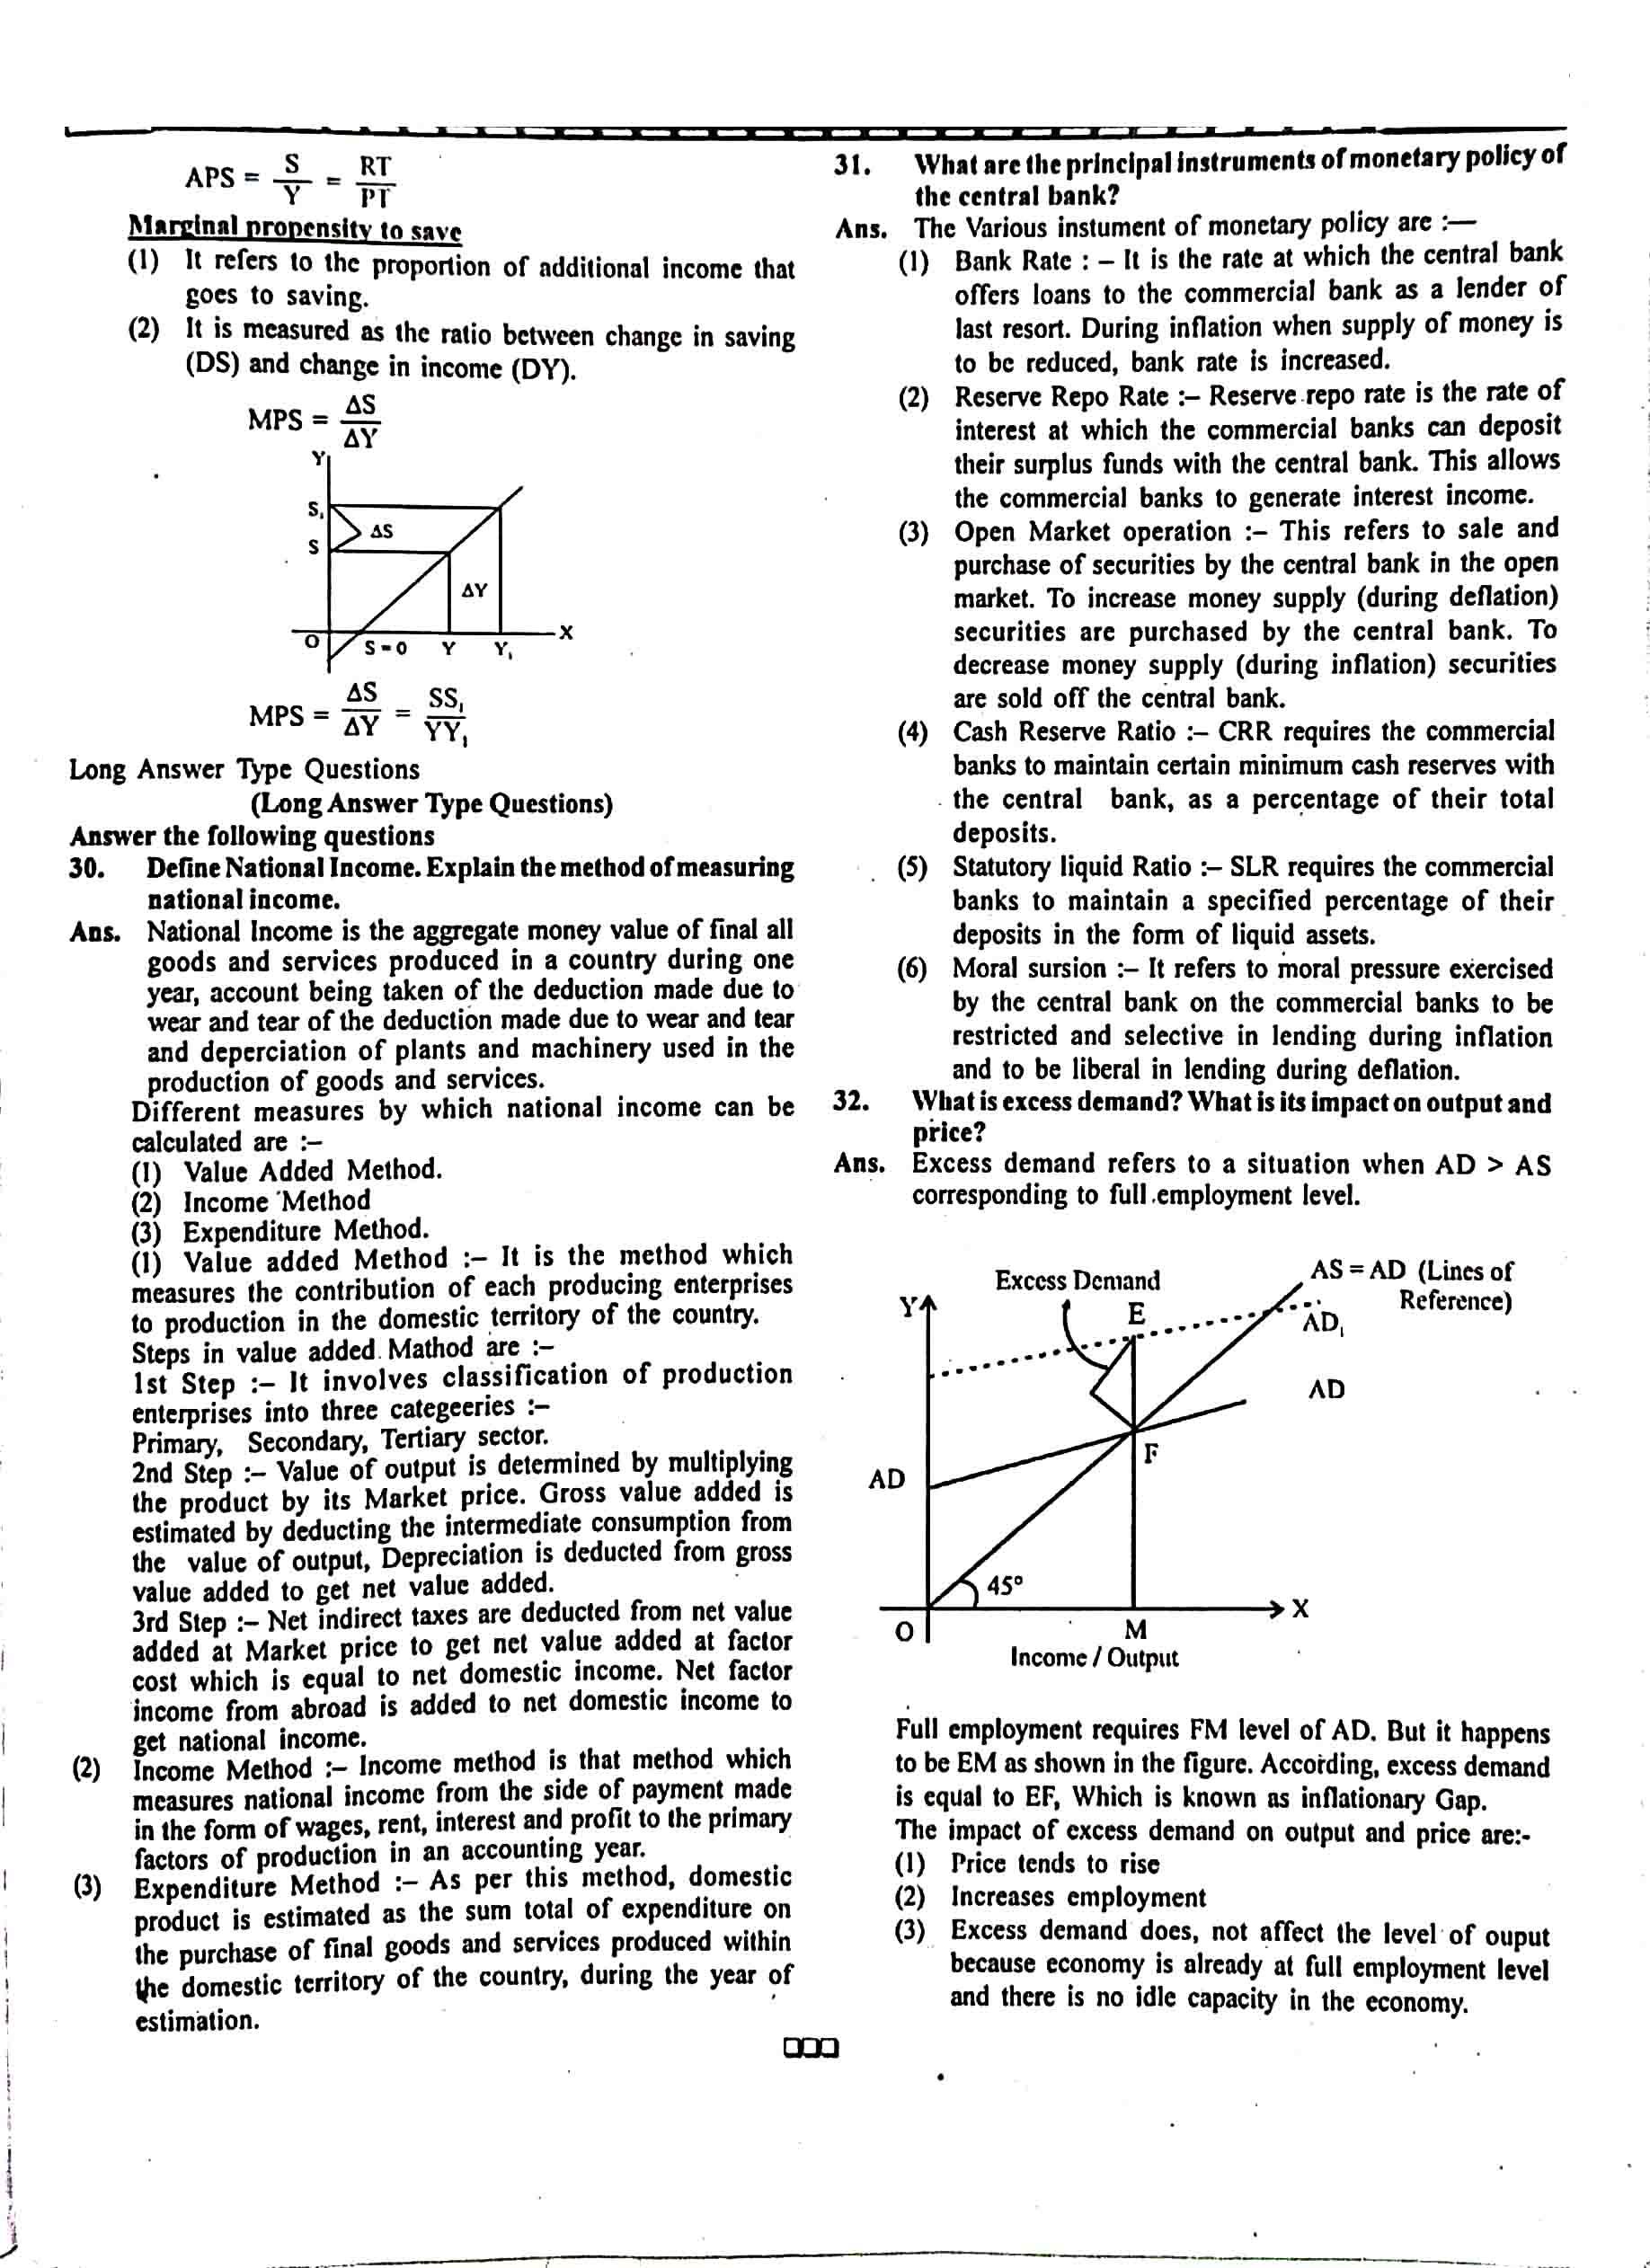 JAC Class 12 economics Question Paper 2014 with Solution